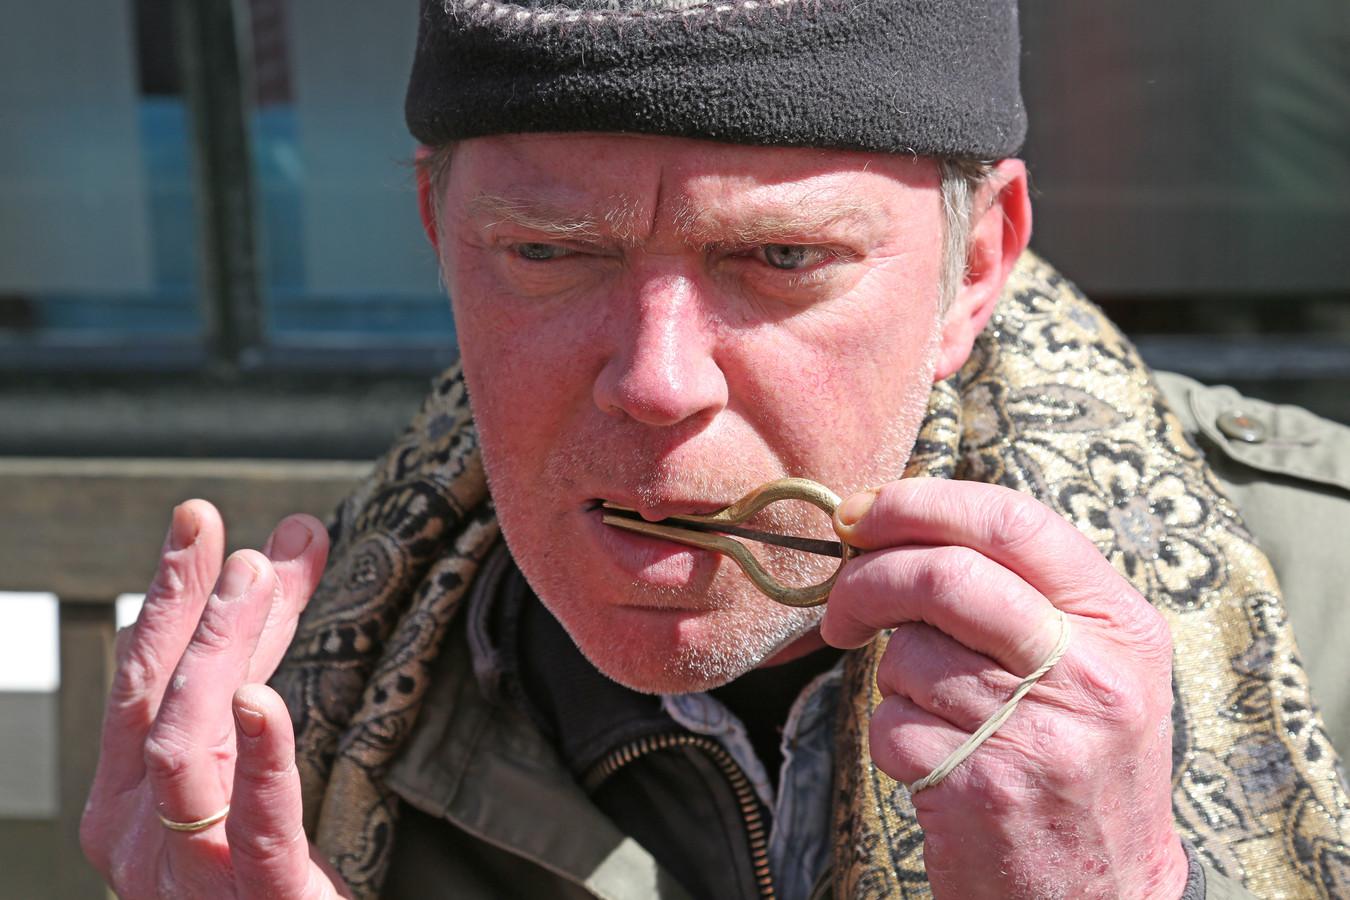 René Paes uit Harderwijk speelt mondharp en strijdt voor meer bekendheid van dit instrument uit oude tijden.